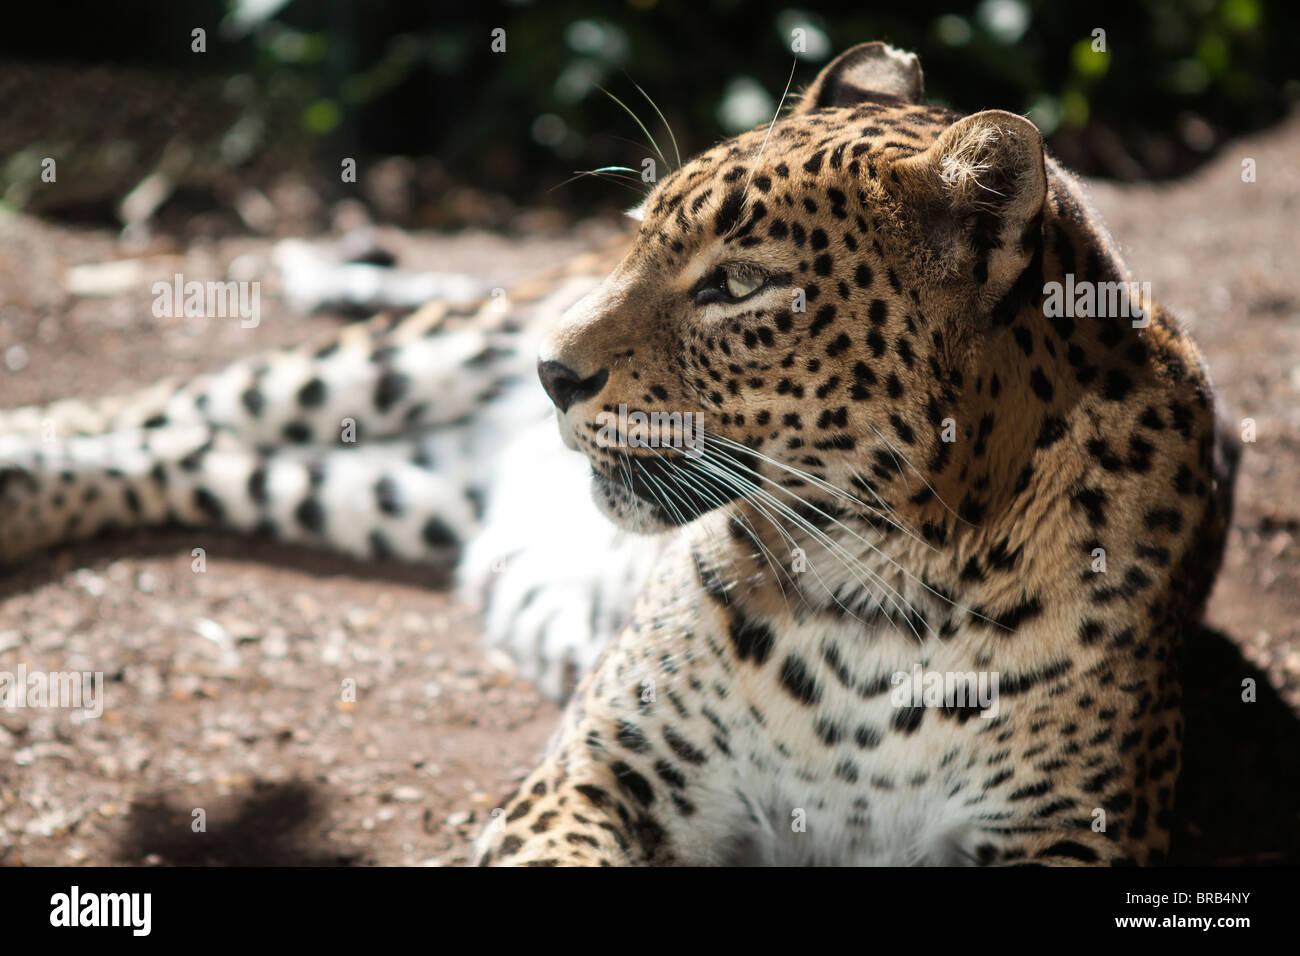 Sri Lankan leopard (Panthera pardus kotiya) - Stock Image